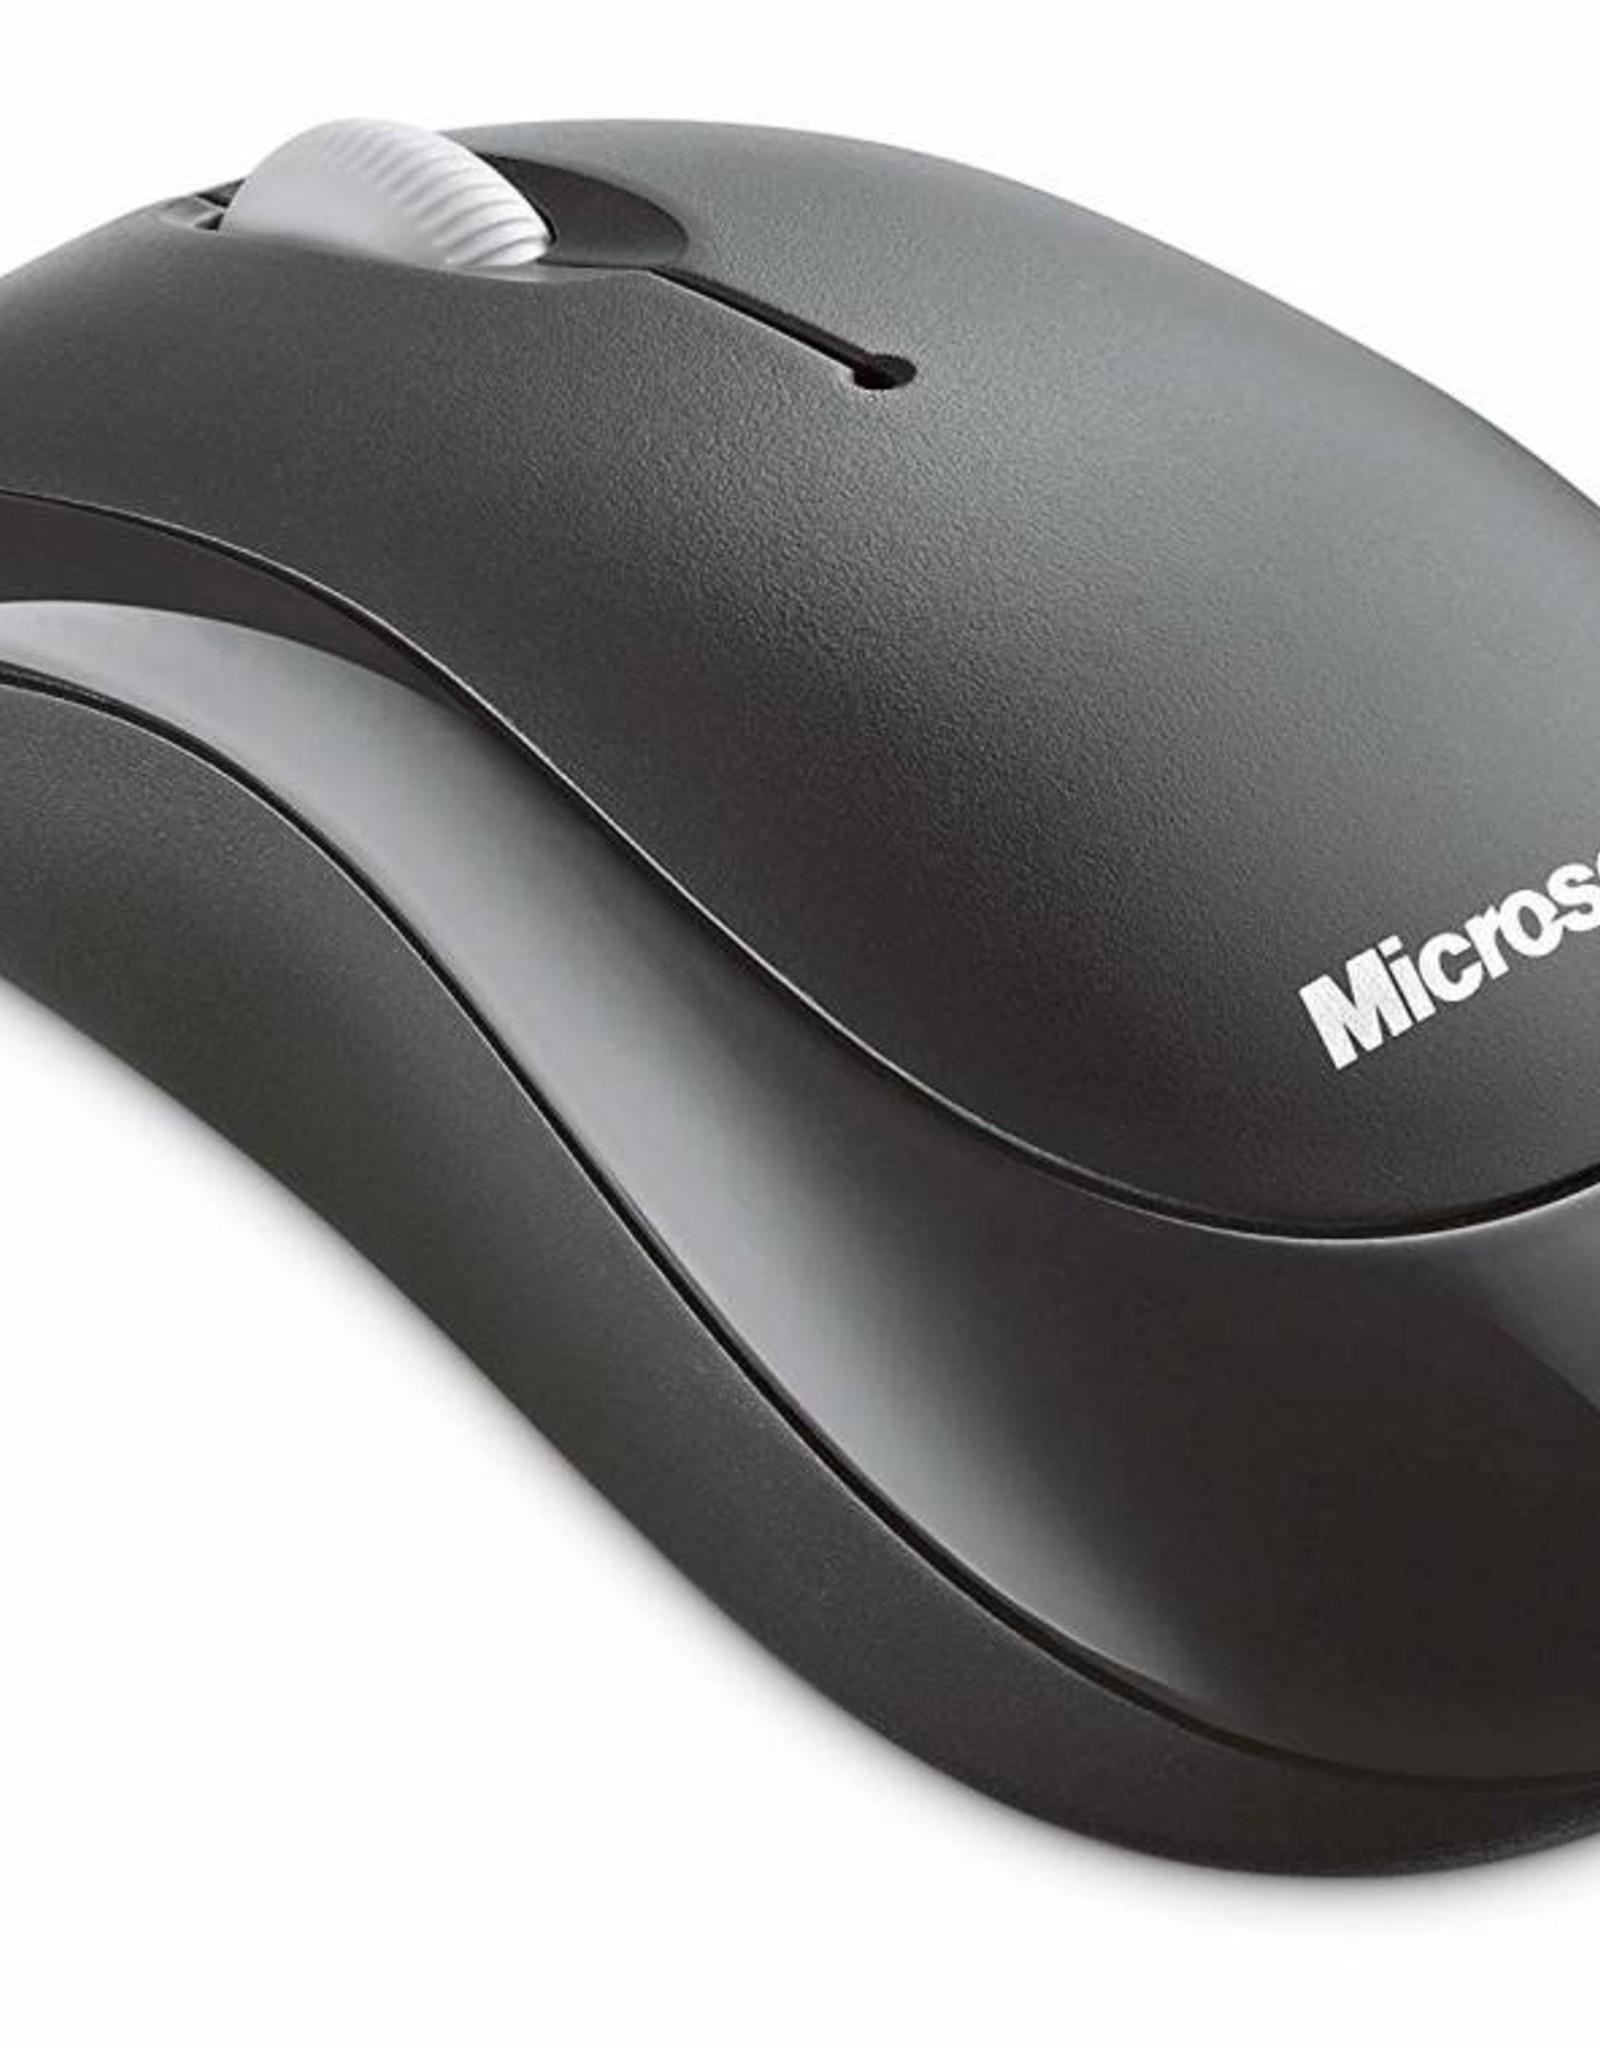 Mouse Pad Basic Large